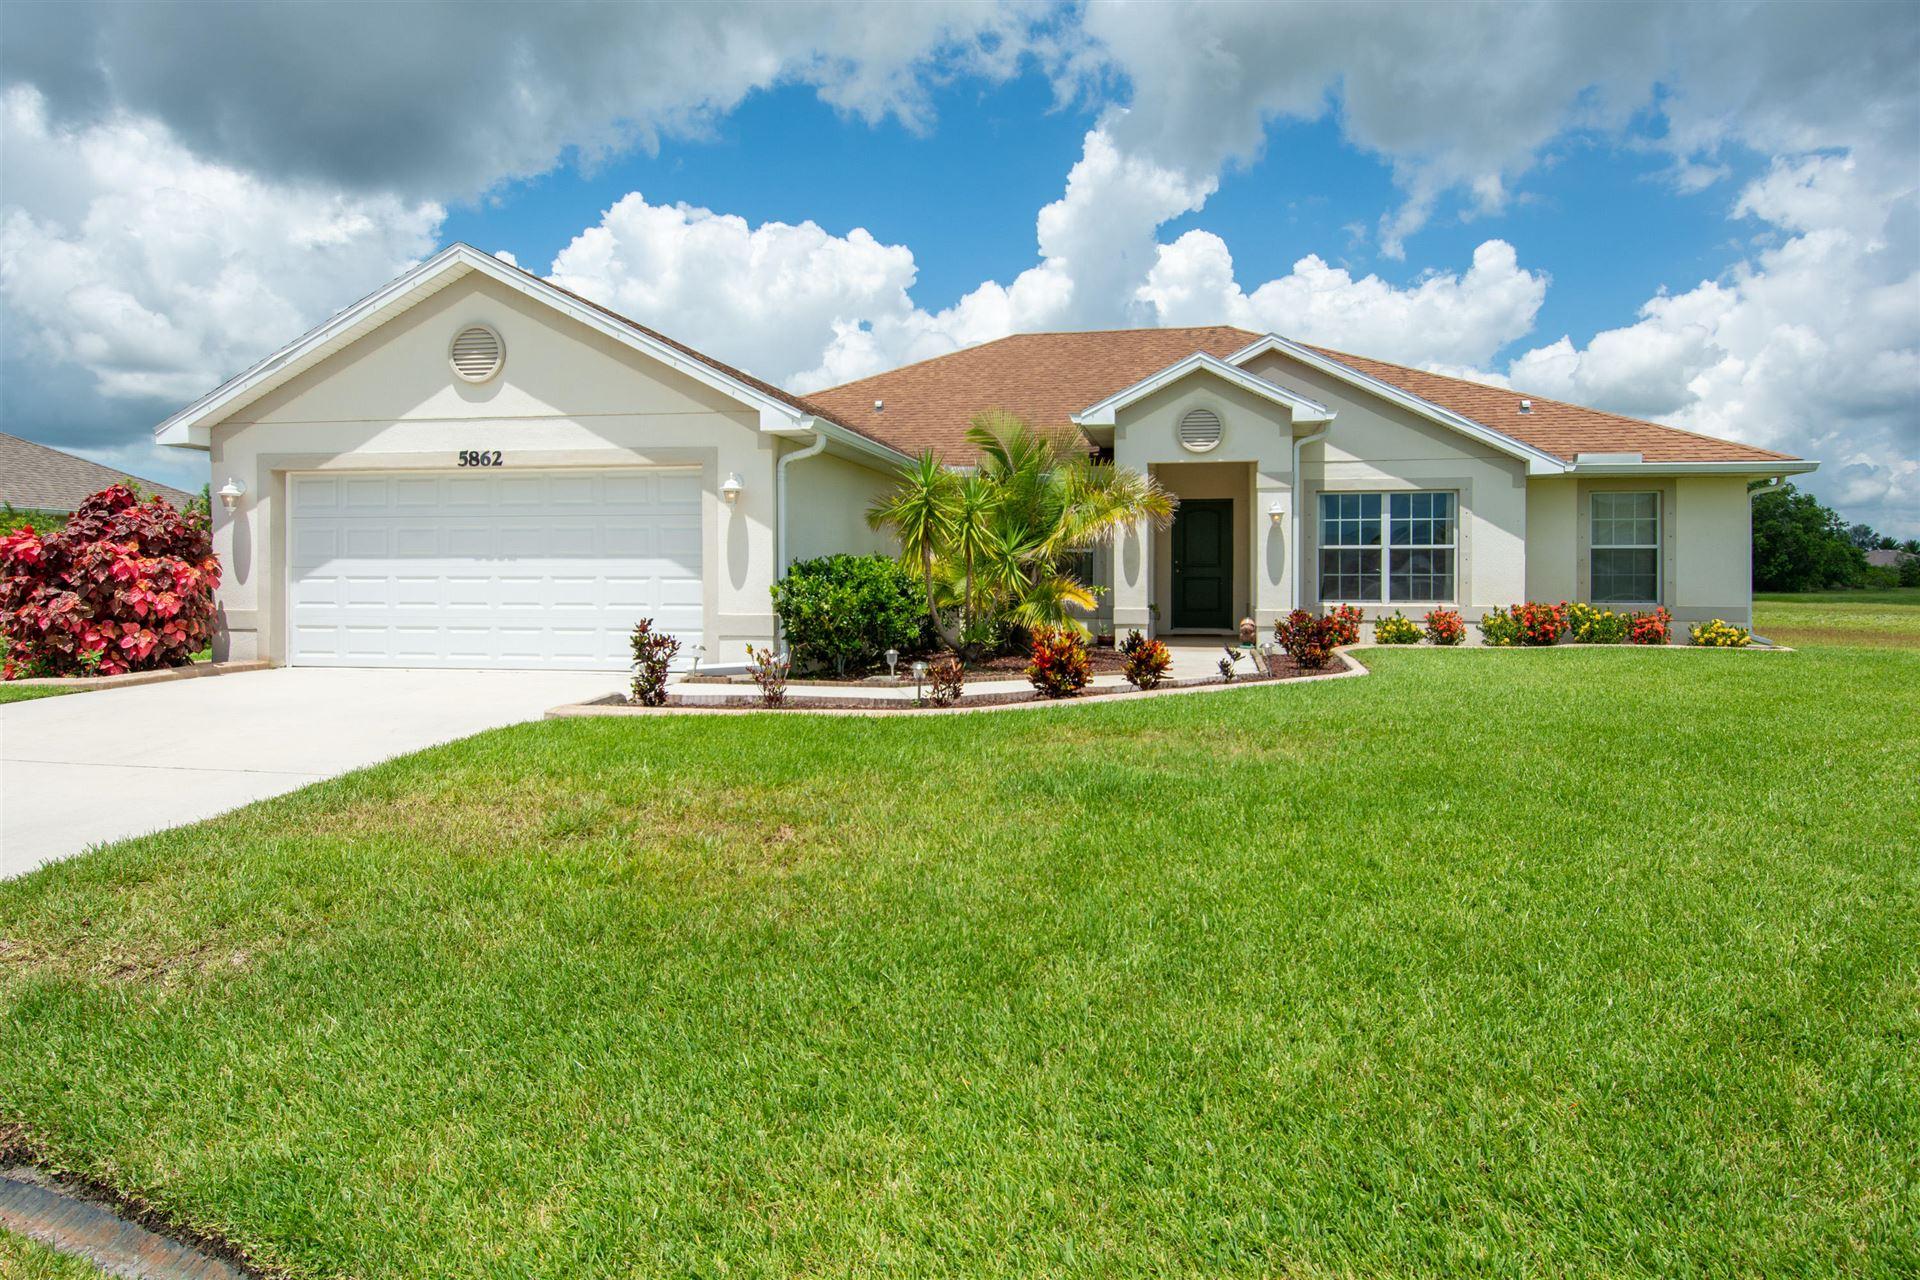 5862 NW Poe Court, Port Saint Lucie, FL 34986 - #: RX-10734036